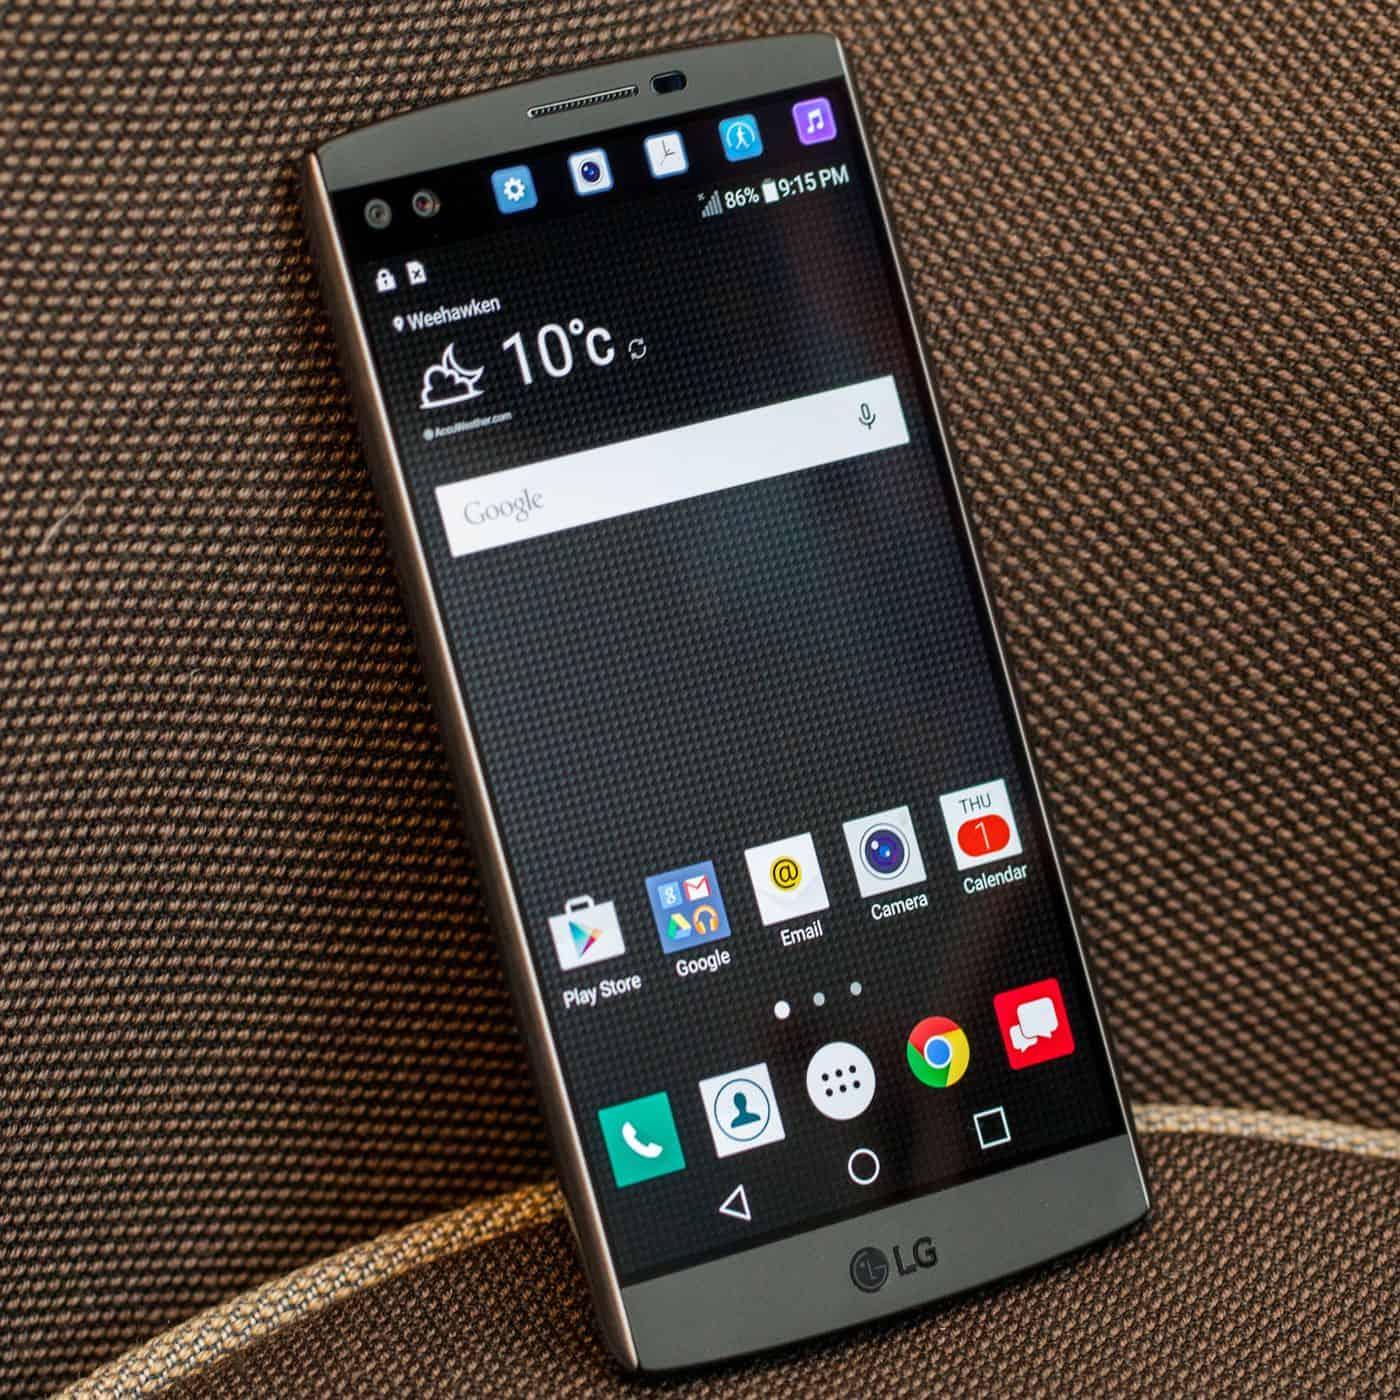 LG V10 price in Ghana